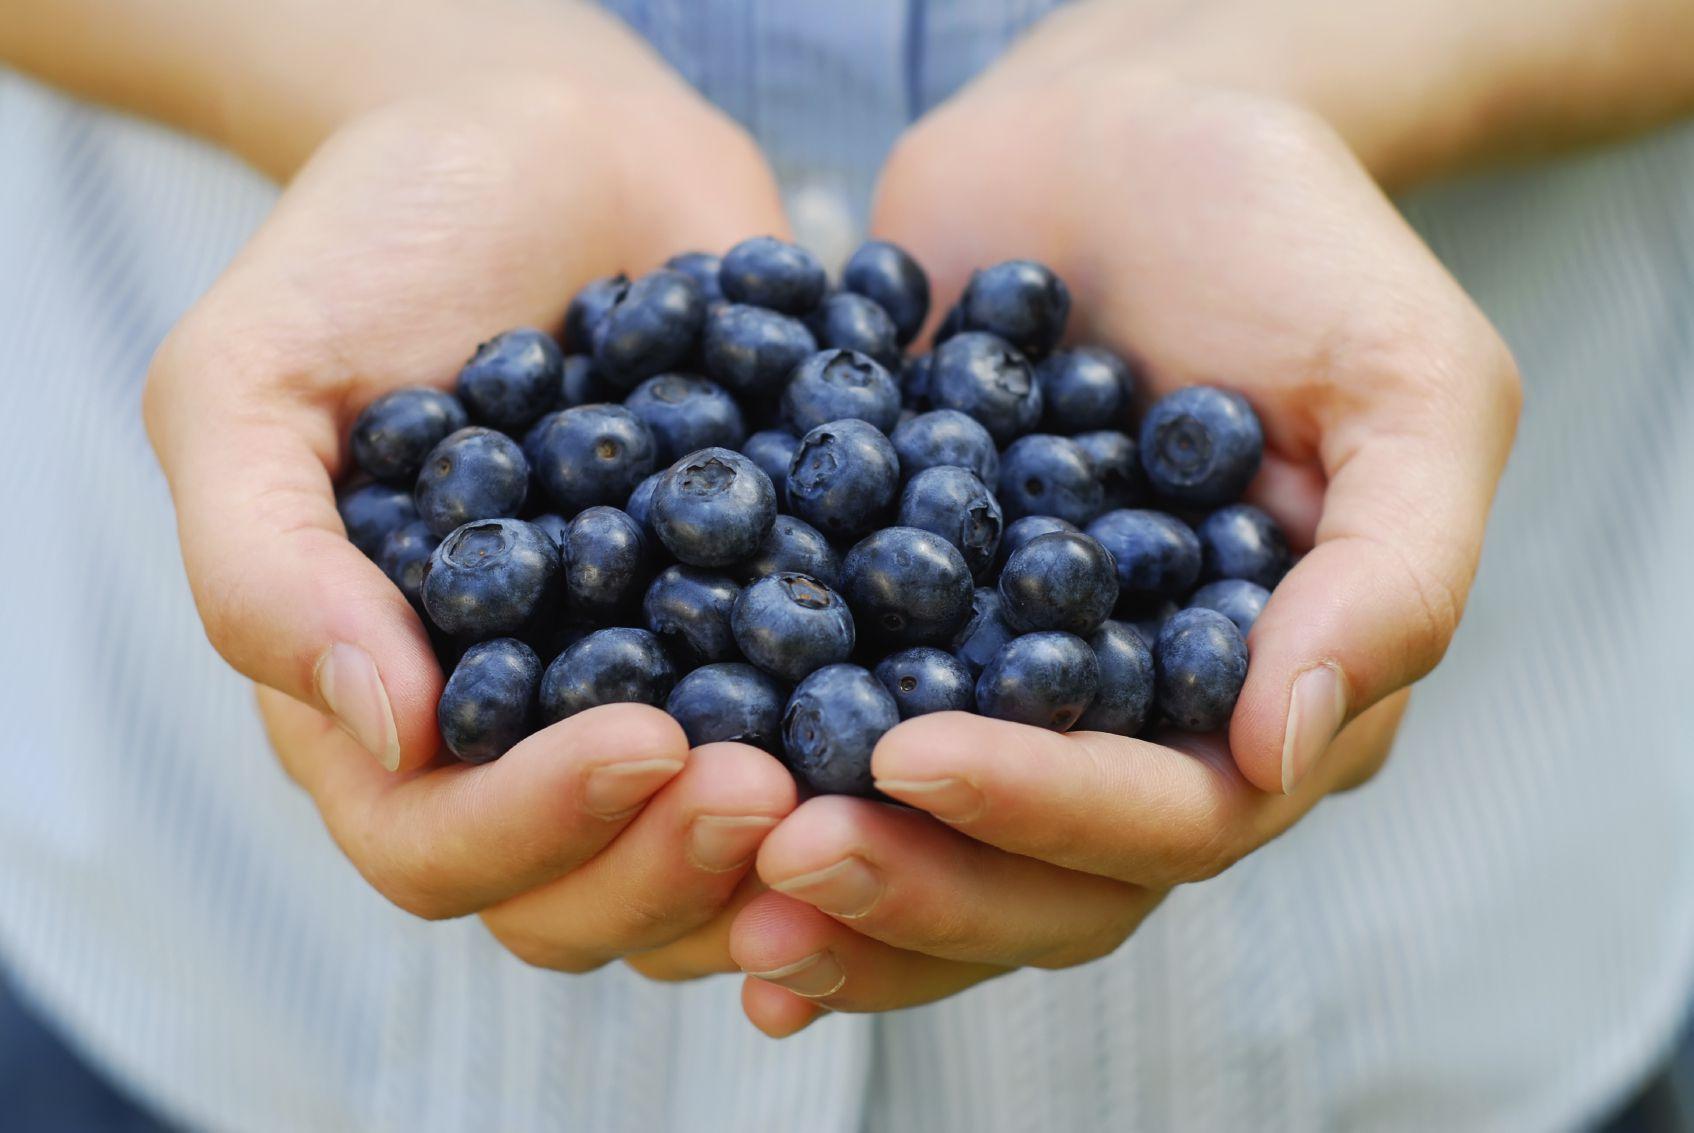 Handful of blueberries.